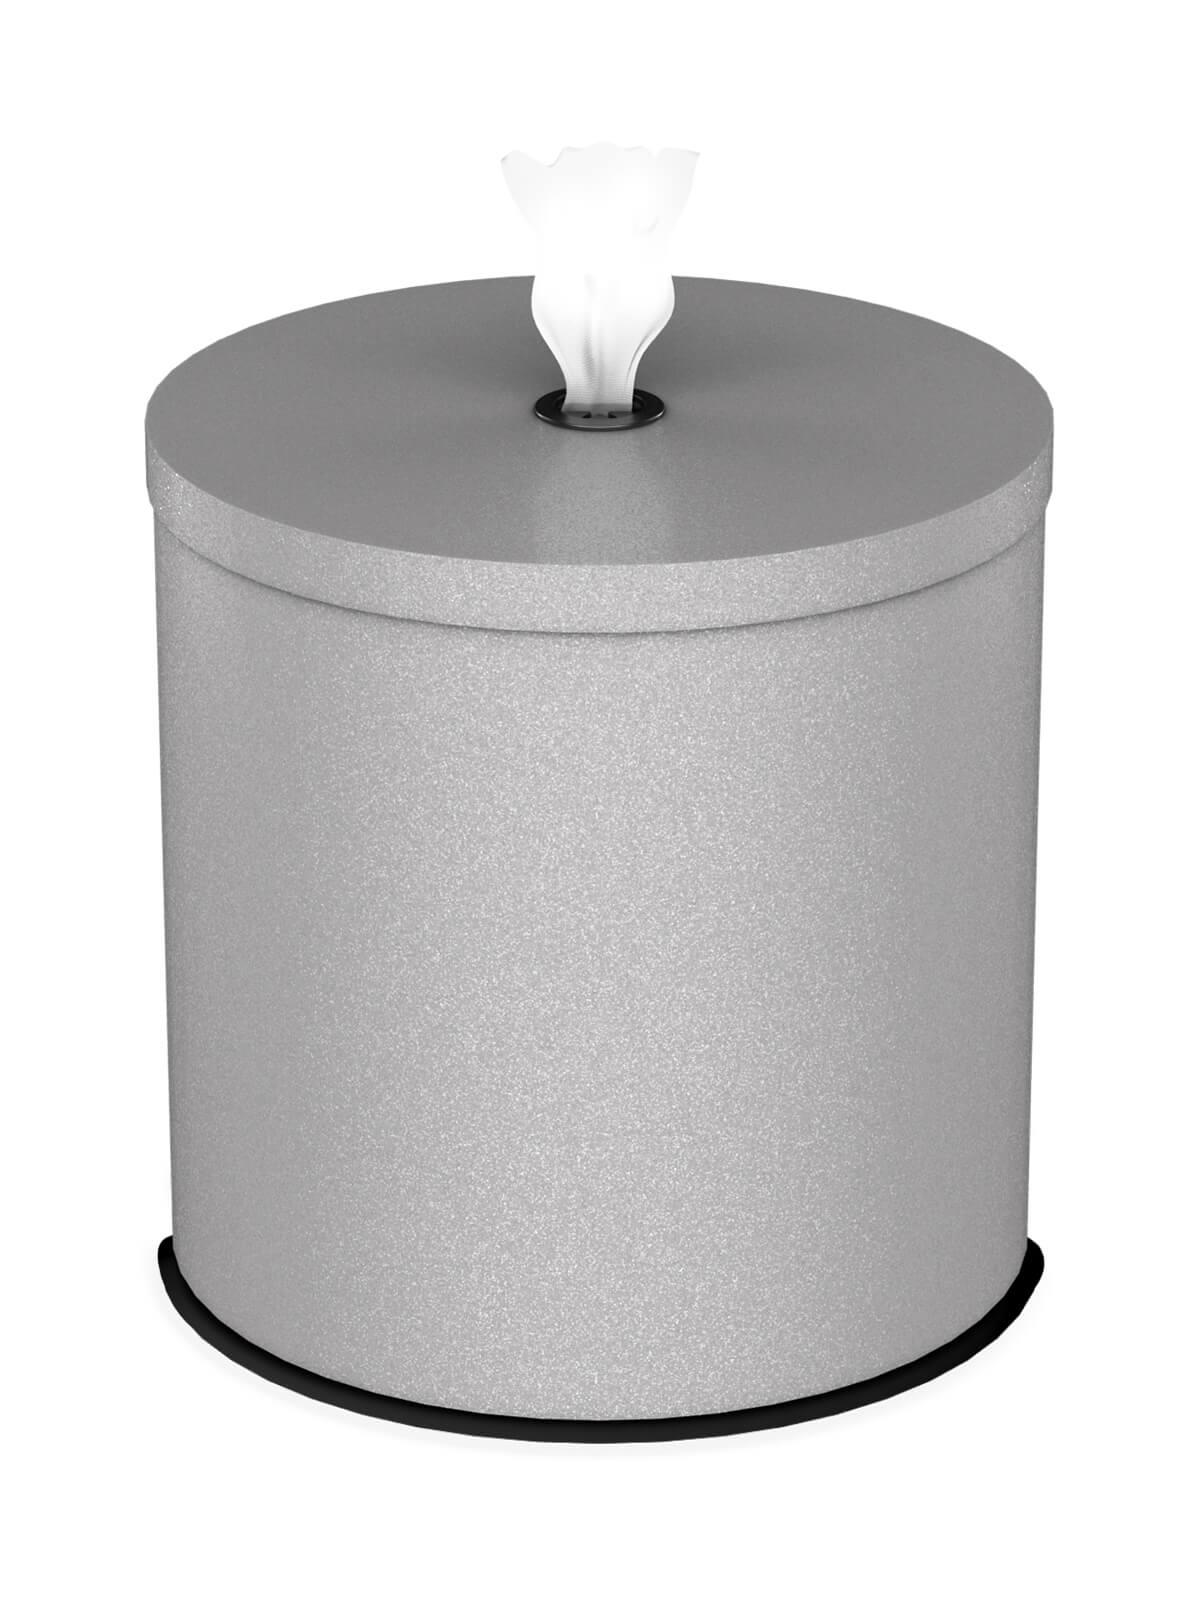 Cleanli Go Desktop Dispenser Station